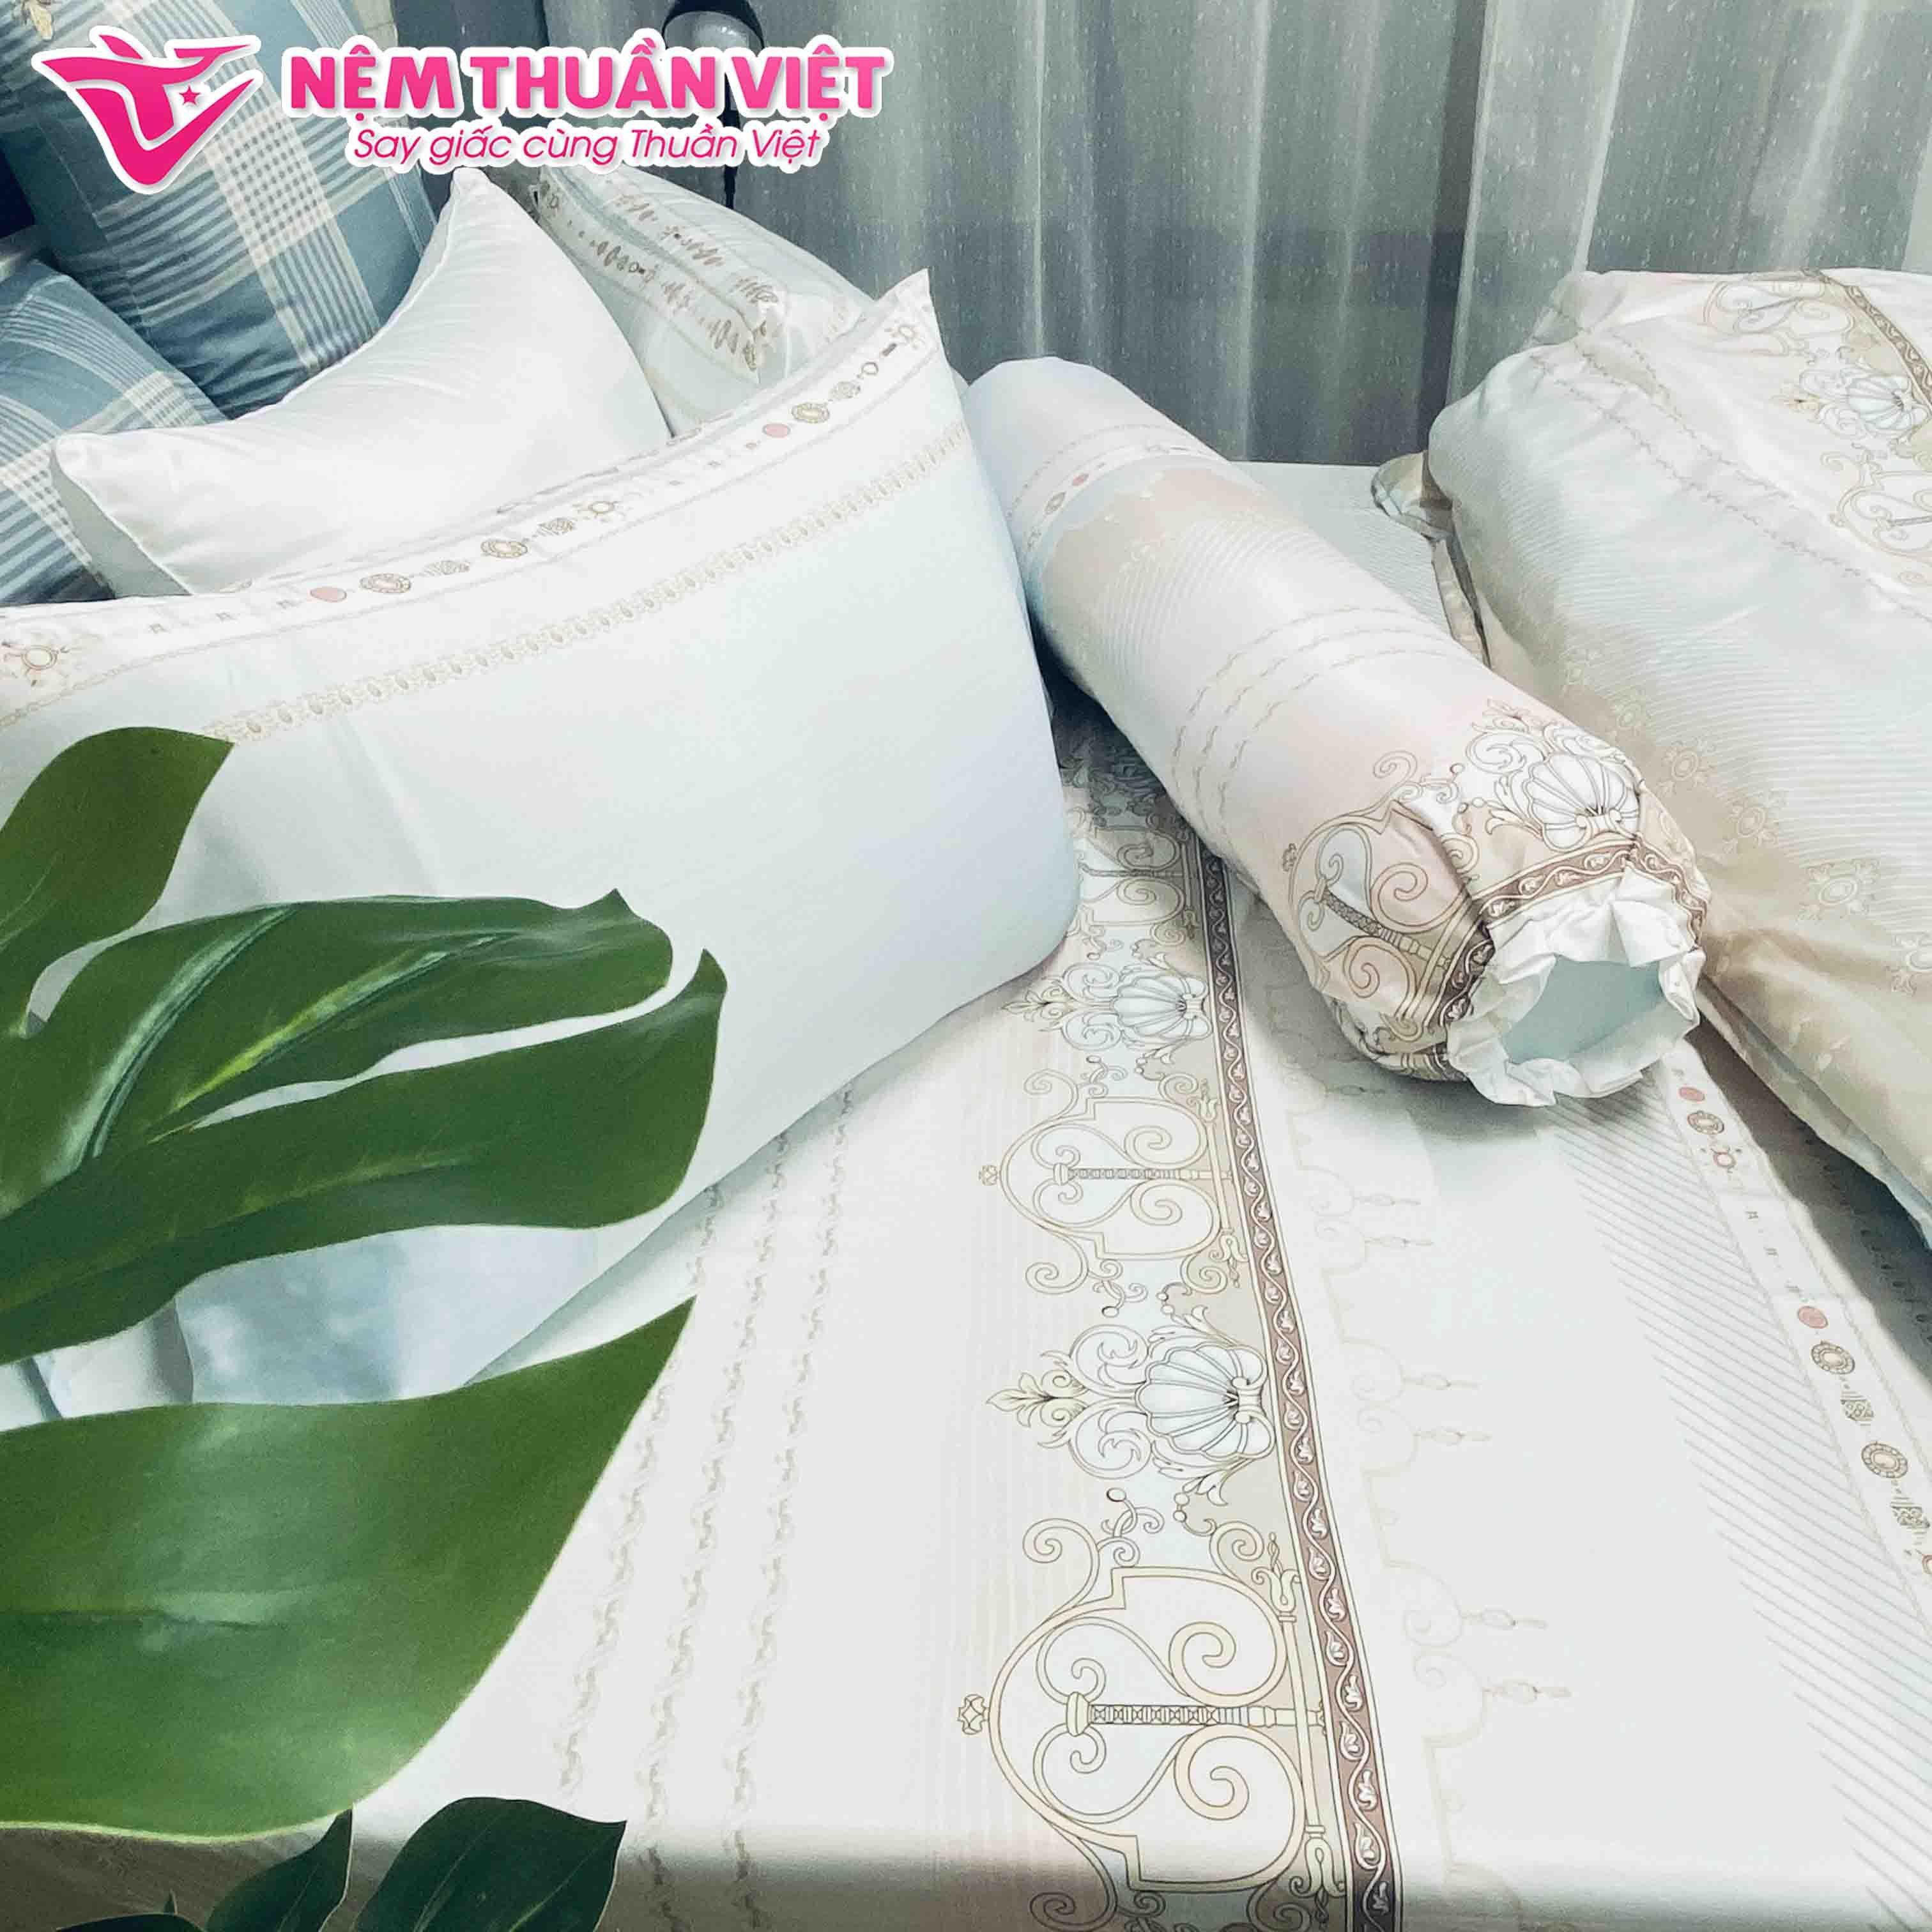 Bộ Ga Mền Cotton Tencel Thuần Việt - Họa tiết cổ điển sang trọng